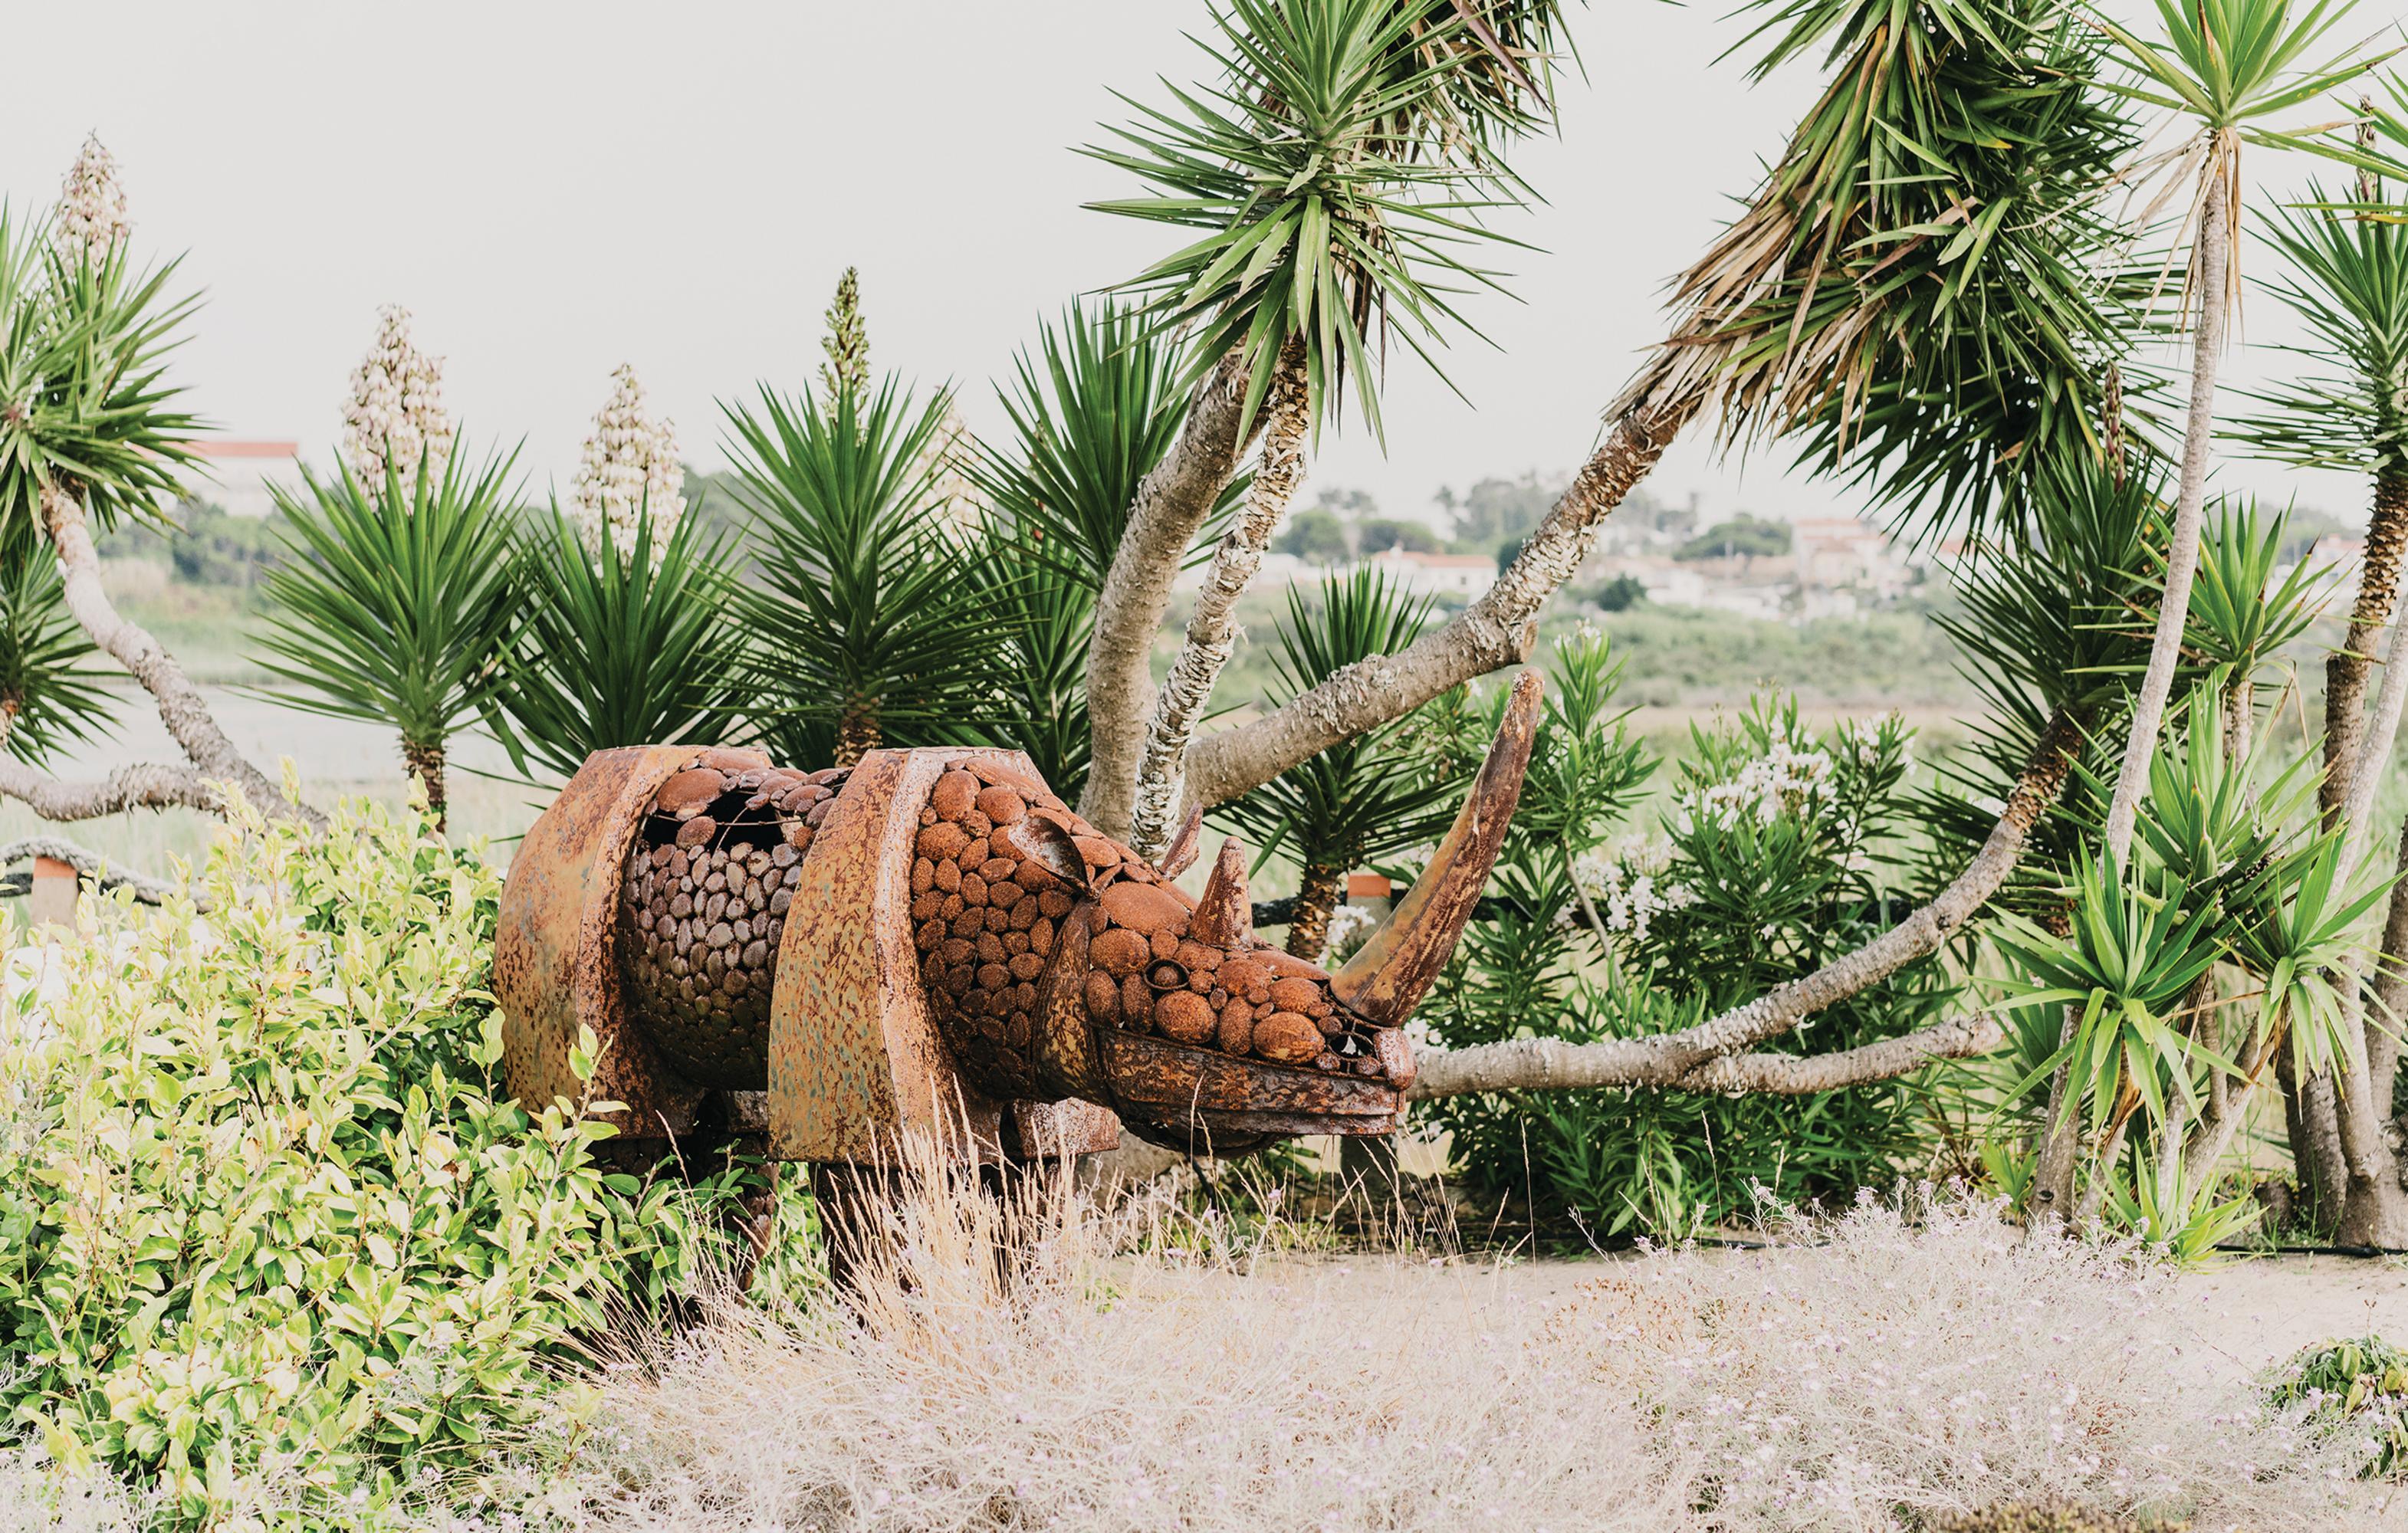 Um de dois rinocerontes de ferro que fizeram parte da decoração da festa de 50 anos do magnata turco Ömer Koç, amigo de Louboutin, que mandou o par de presente ao designer após o evento. PHOTO: FOTO DE SALVA LÓPEZ